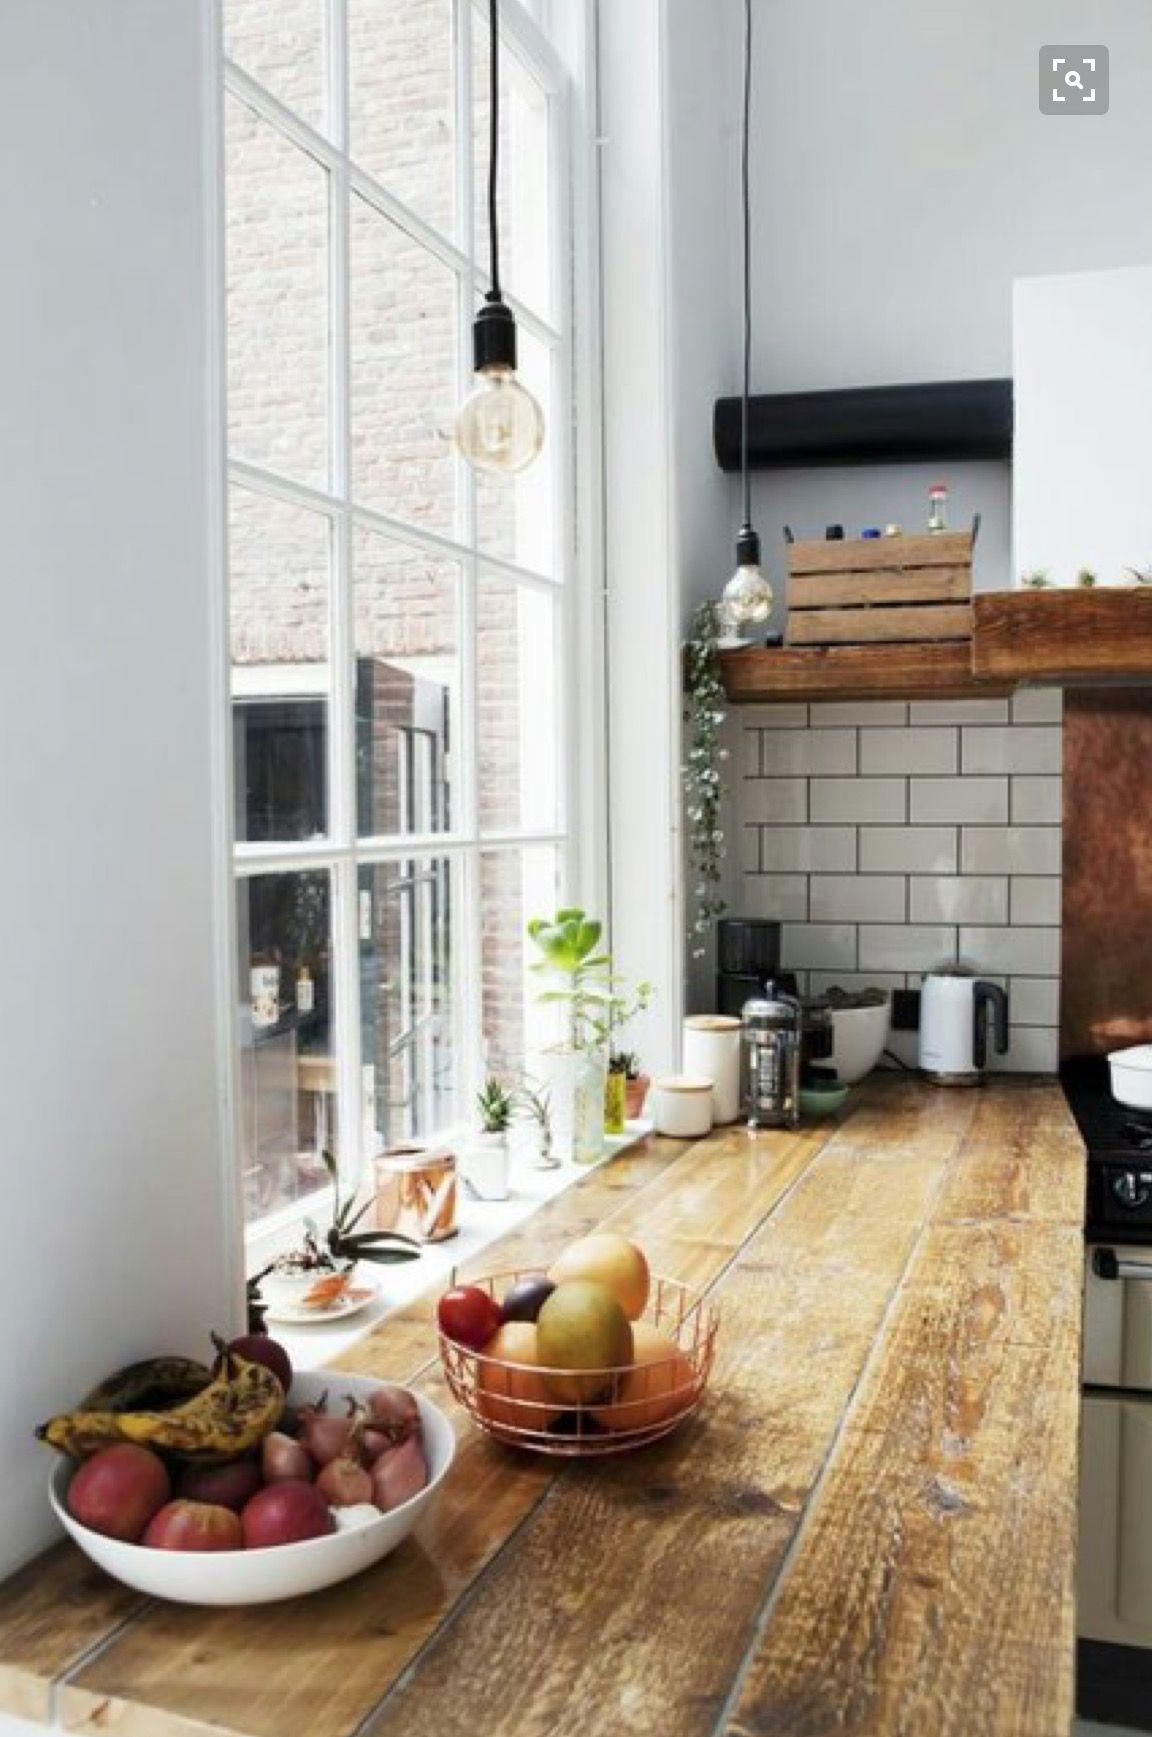 Pin von Jędrzej Sobczak auf Home | Pinterest | Einrichtung und Küche